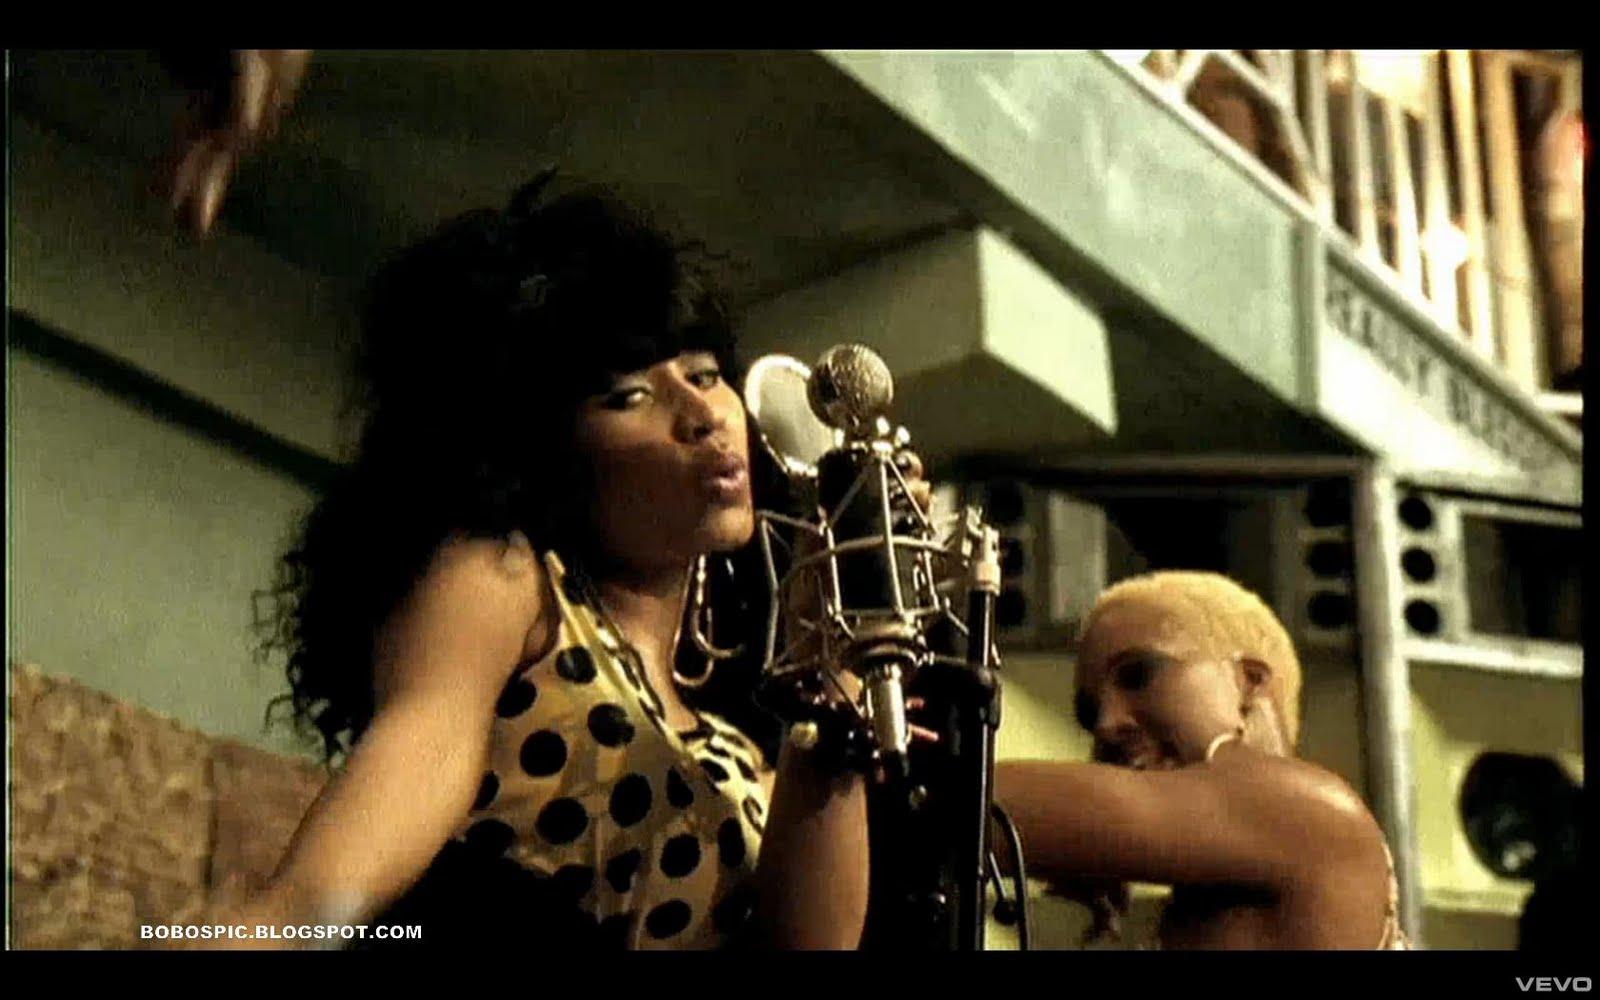 http://4.bp.blogspot.com/_2EXWTZ37Ix0/TLHED9p1vJI/AAAAAAAABV8/TK7N-ONbKDU/s1600/Sean+Kingston+Letting+Go+%28Dutty+Love%29+featuring+Nicki+Minaj+09.jpg